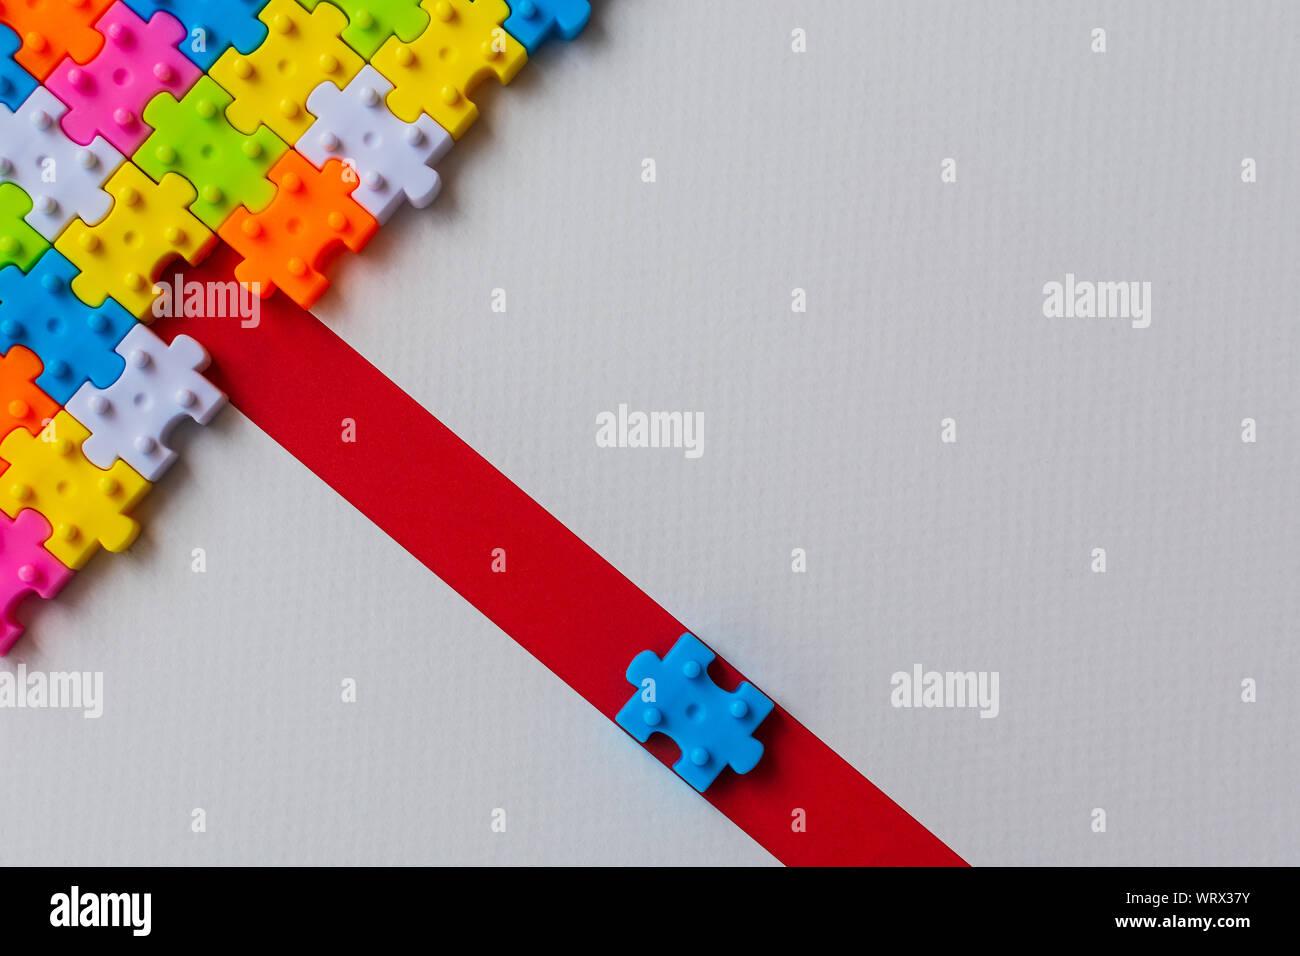 Puzzle de plástico de colores sobre papel blanco de fondo, falta un rompecabezas en línea roja para completar con copia espacio, estrategia empresarial trabajo en equipo Foto de stock